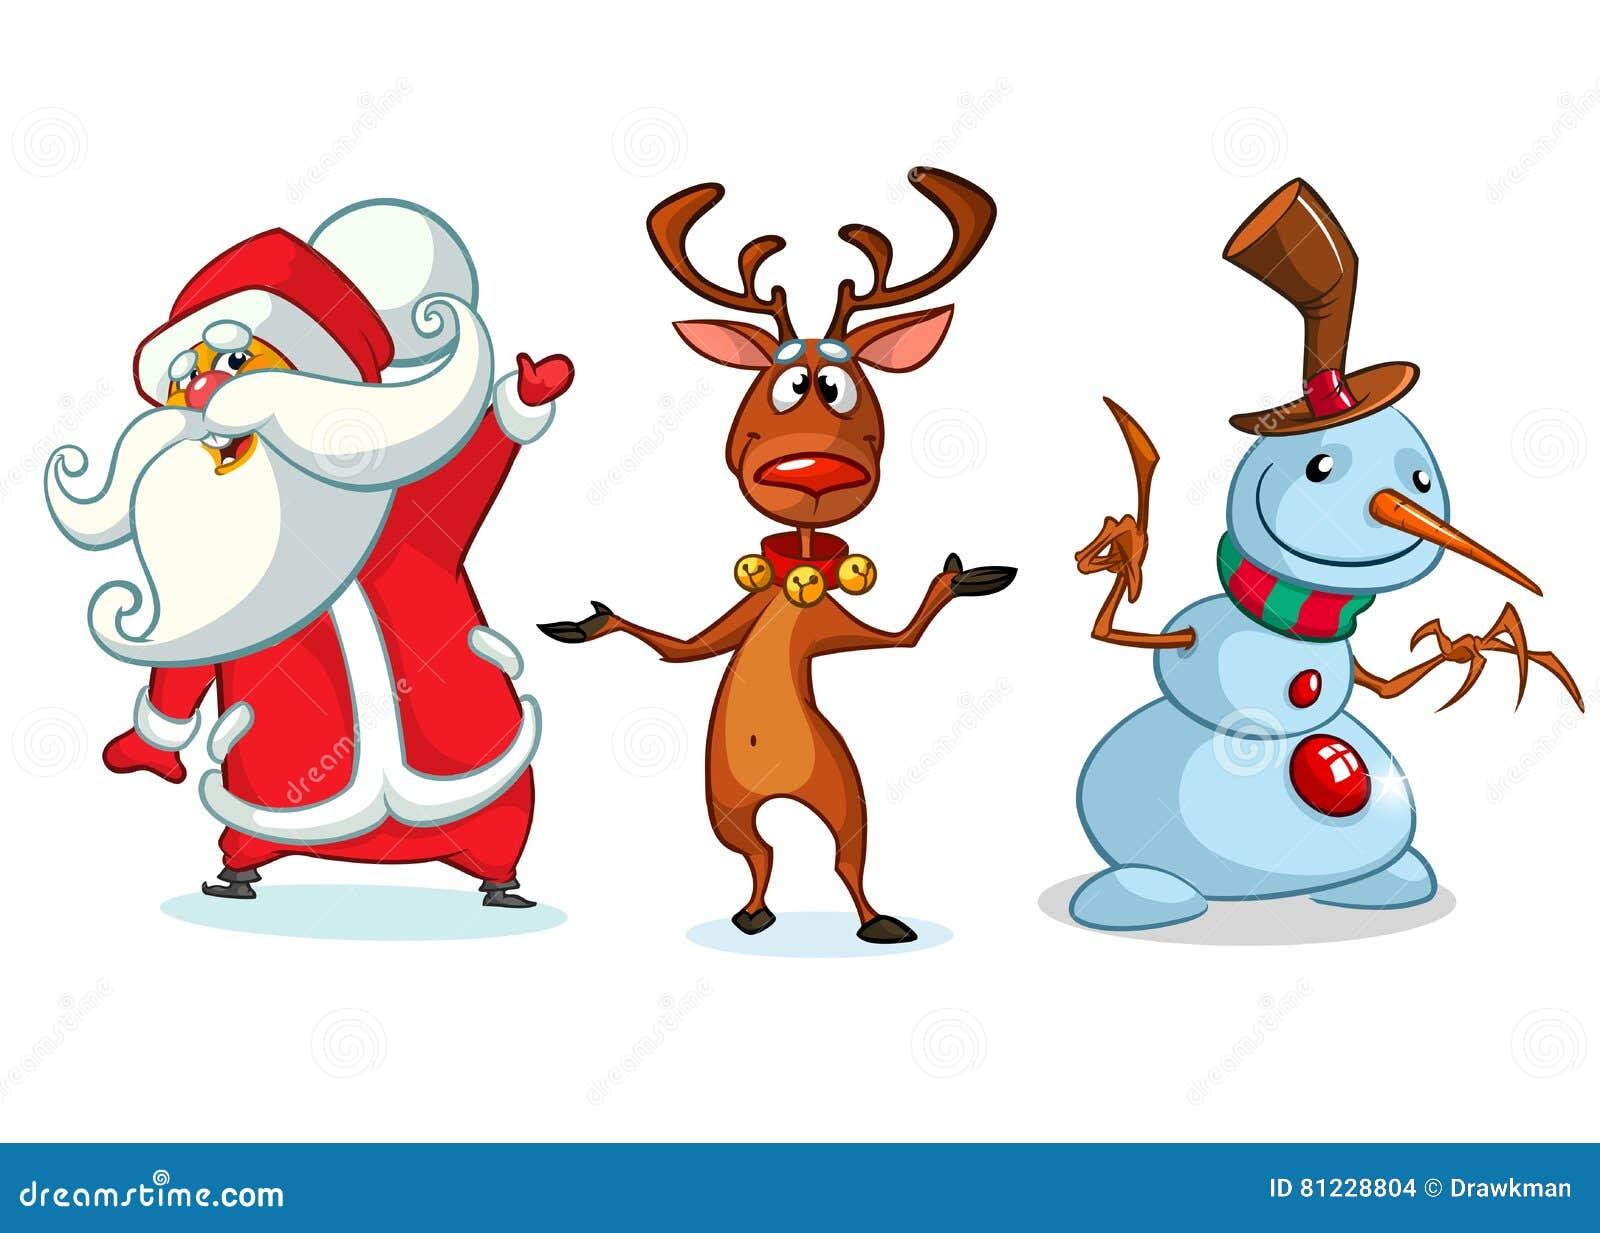 Personajes De Dibujos Animados De La Navidad Fijados